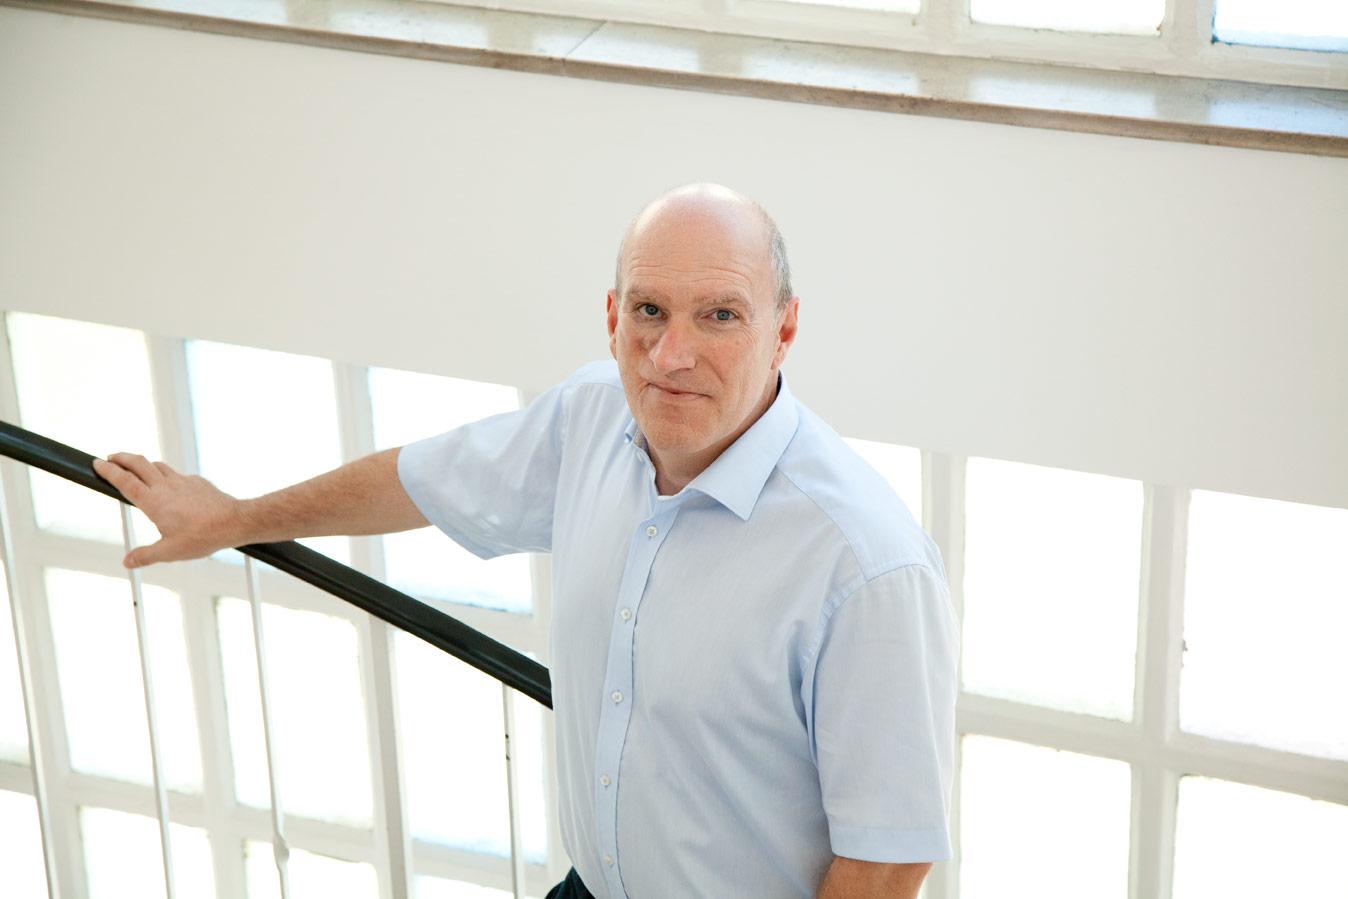 Thomas Beye, Vertriebsleiter bei tekmar, blickt auf erfolgreiche Kooperationen zur Energiewende